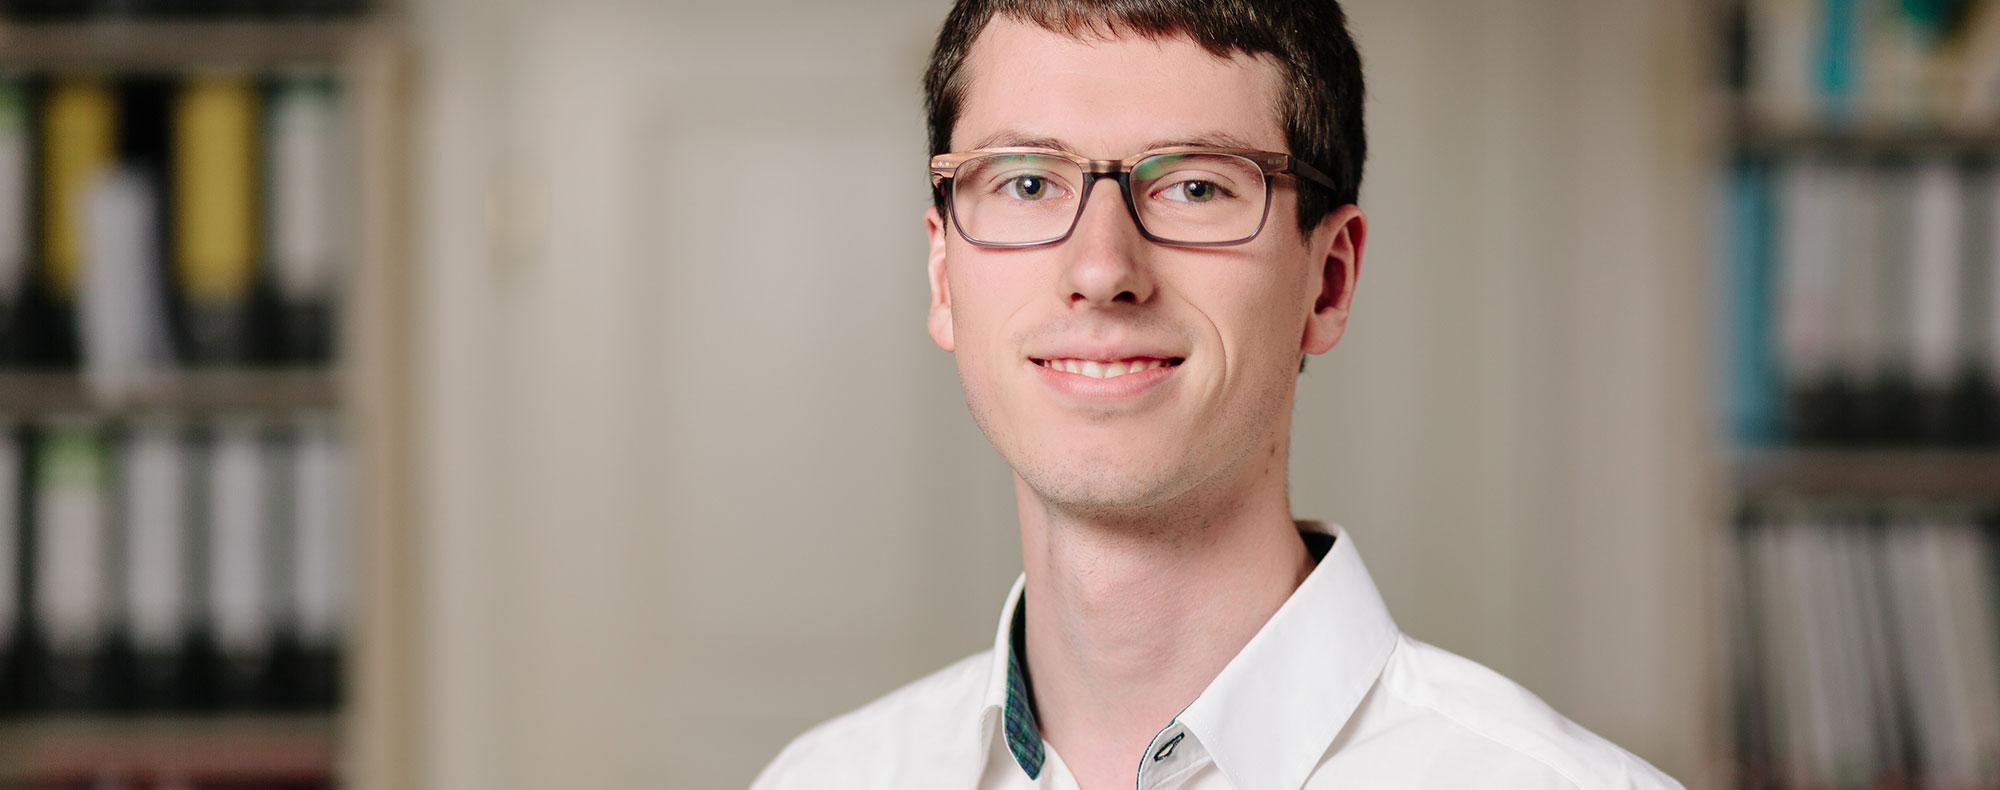 Christopher Schmitt - Ingenieurbüro Reihsner Wittlich